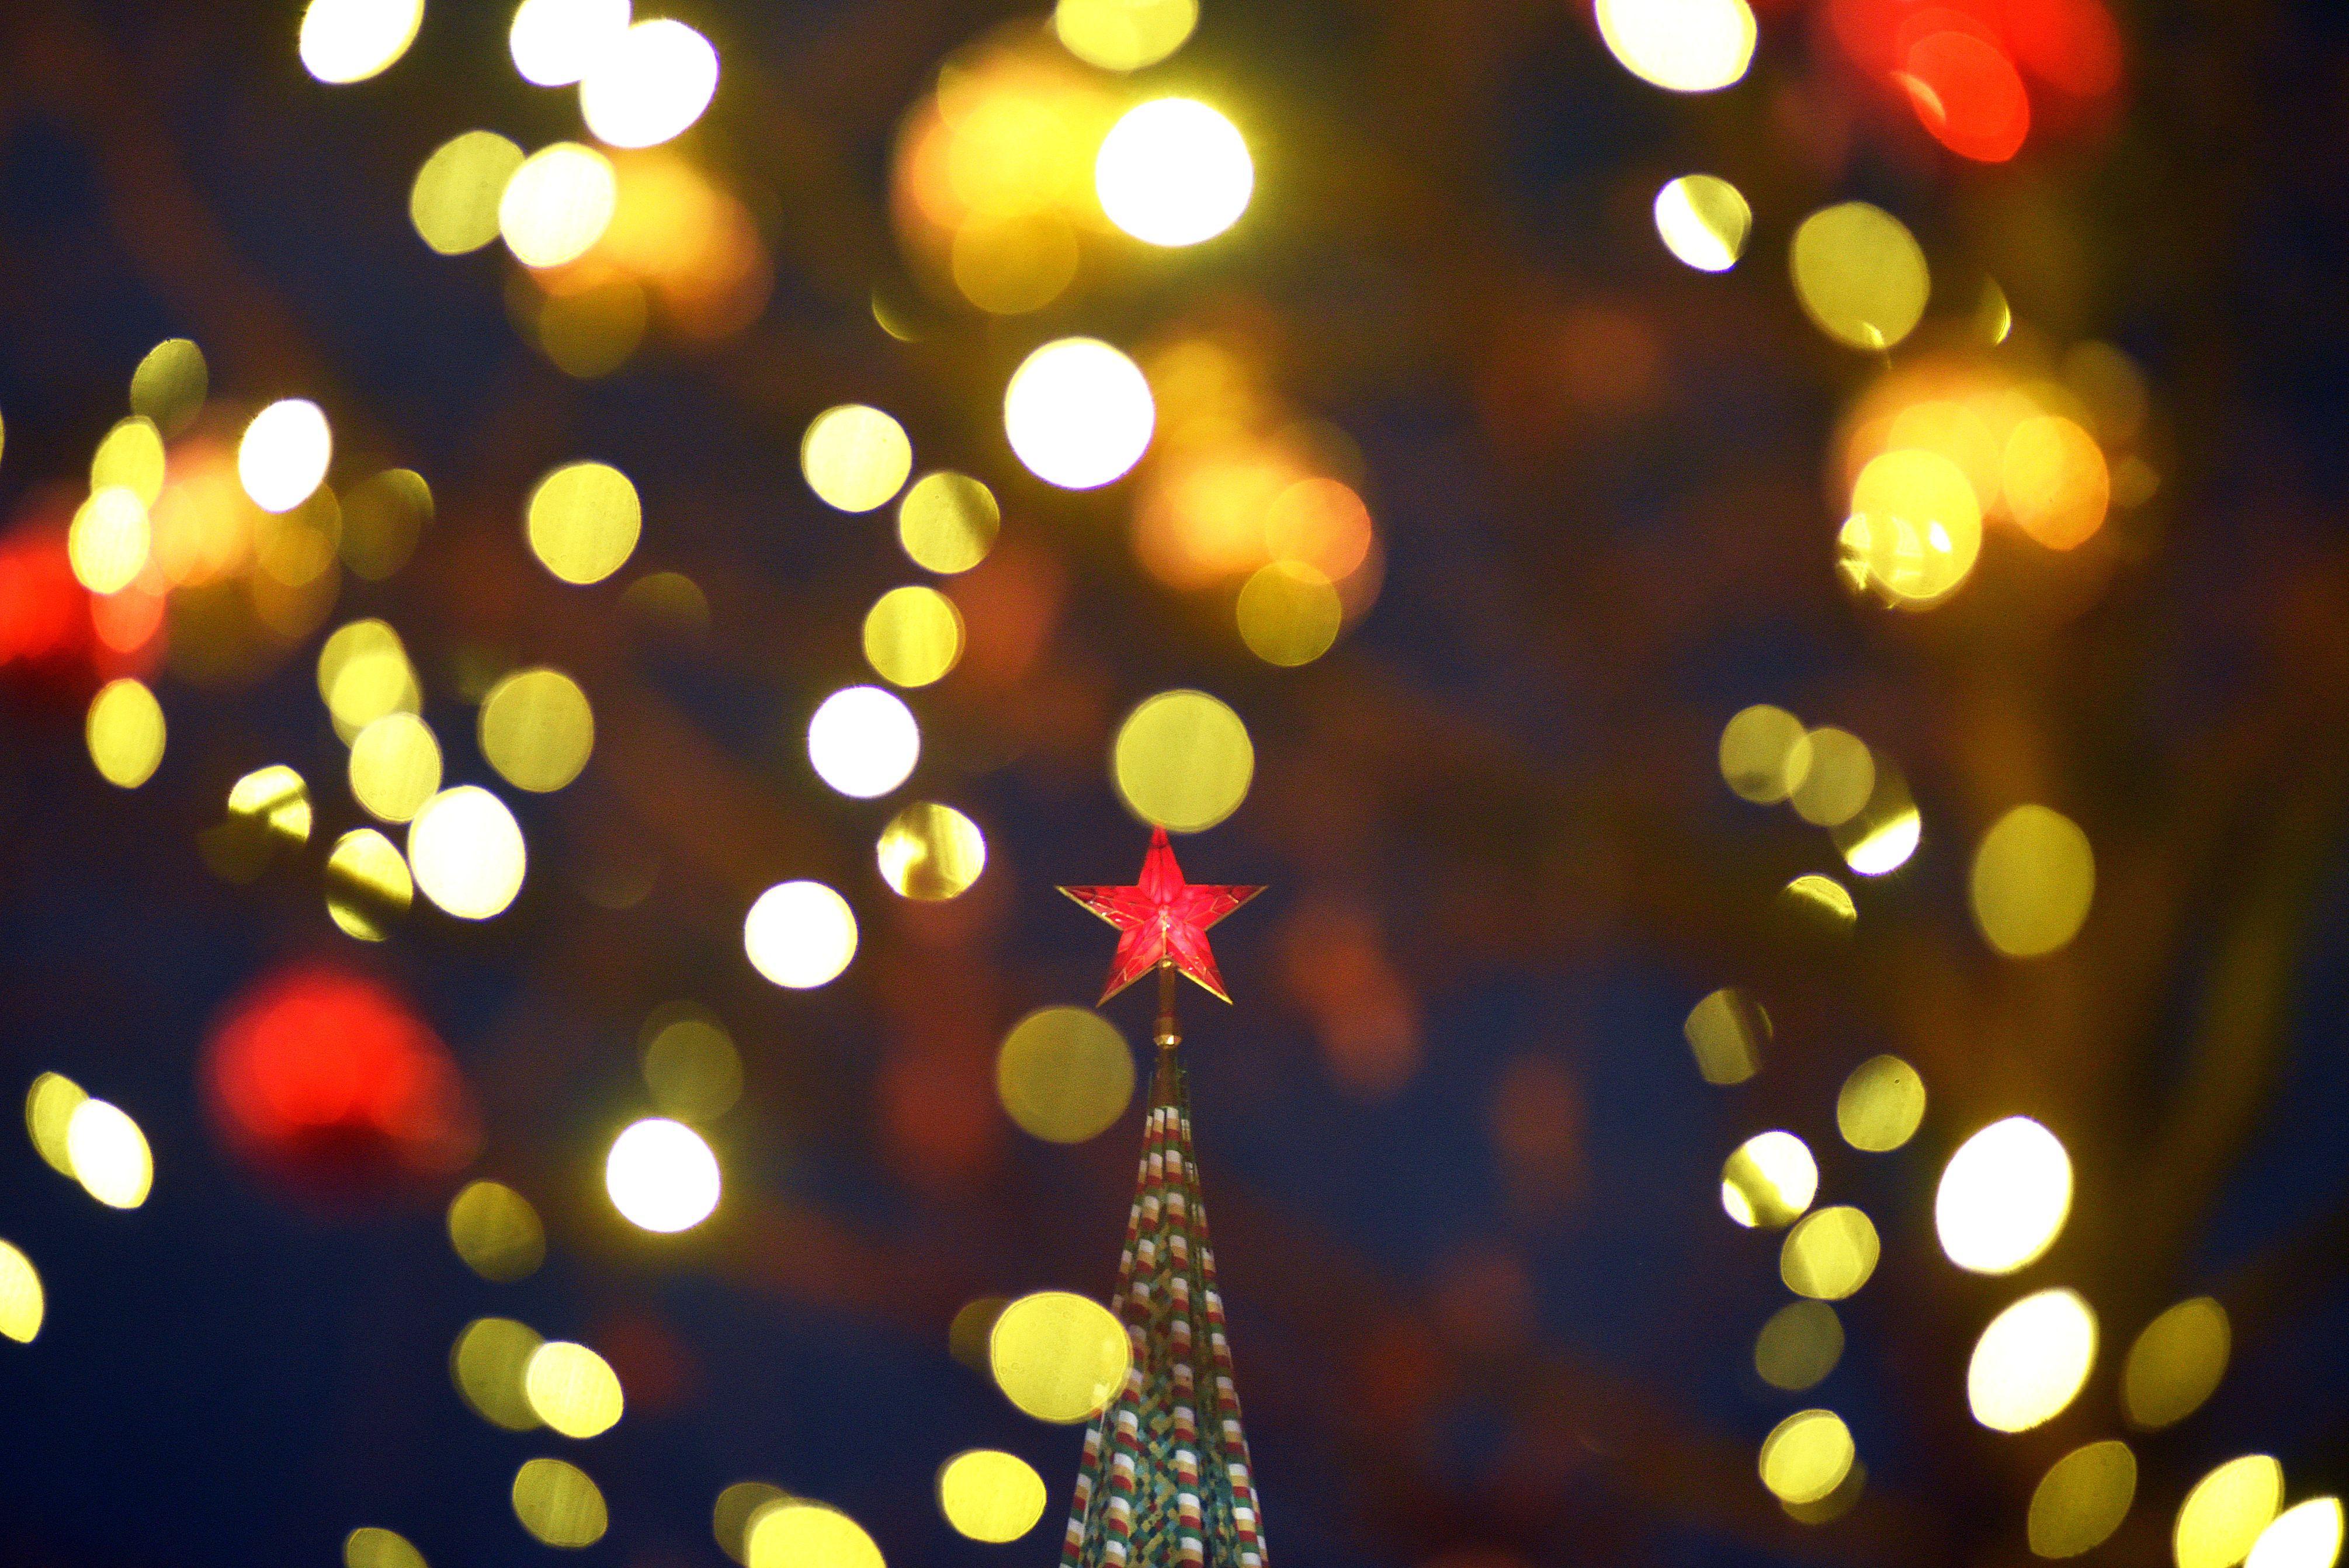 Новый год в кадрах: топ-7 уютных рождественских фильмов